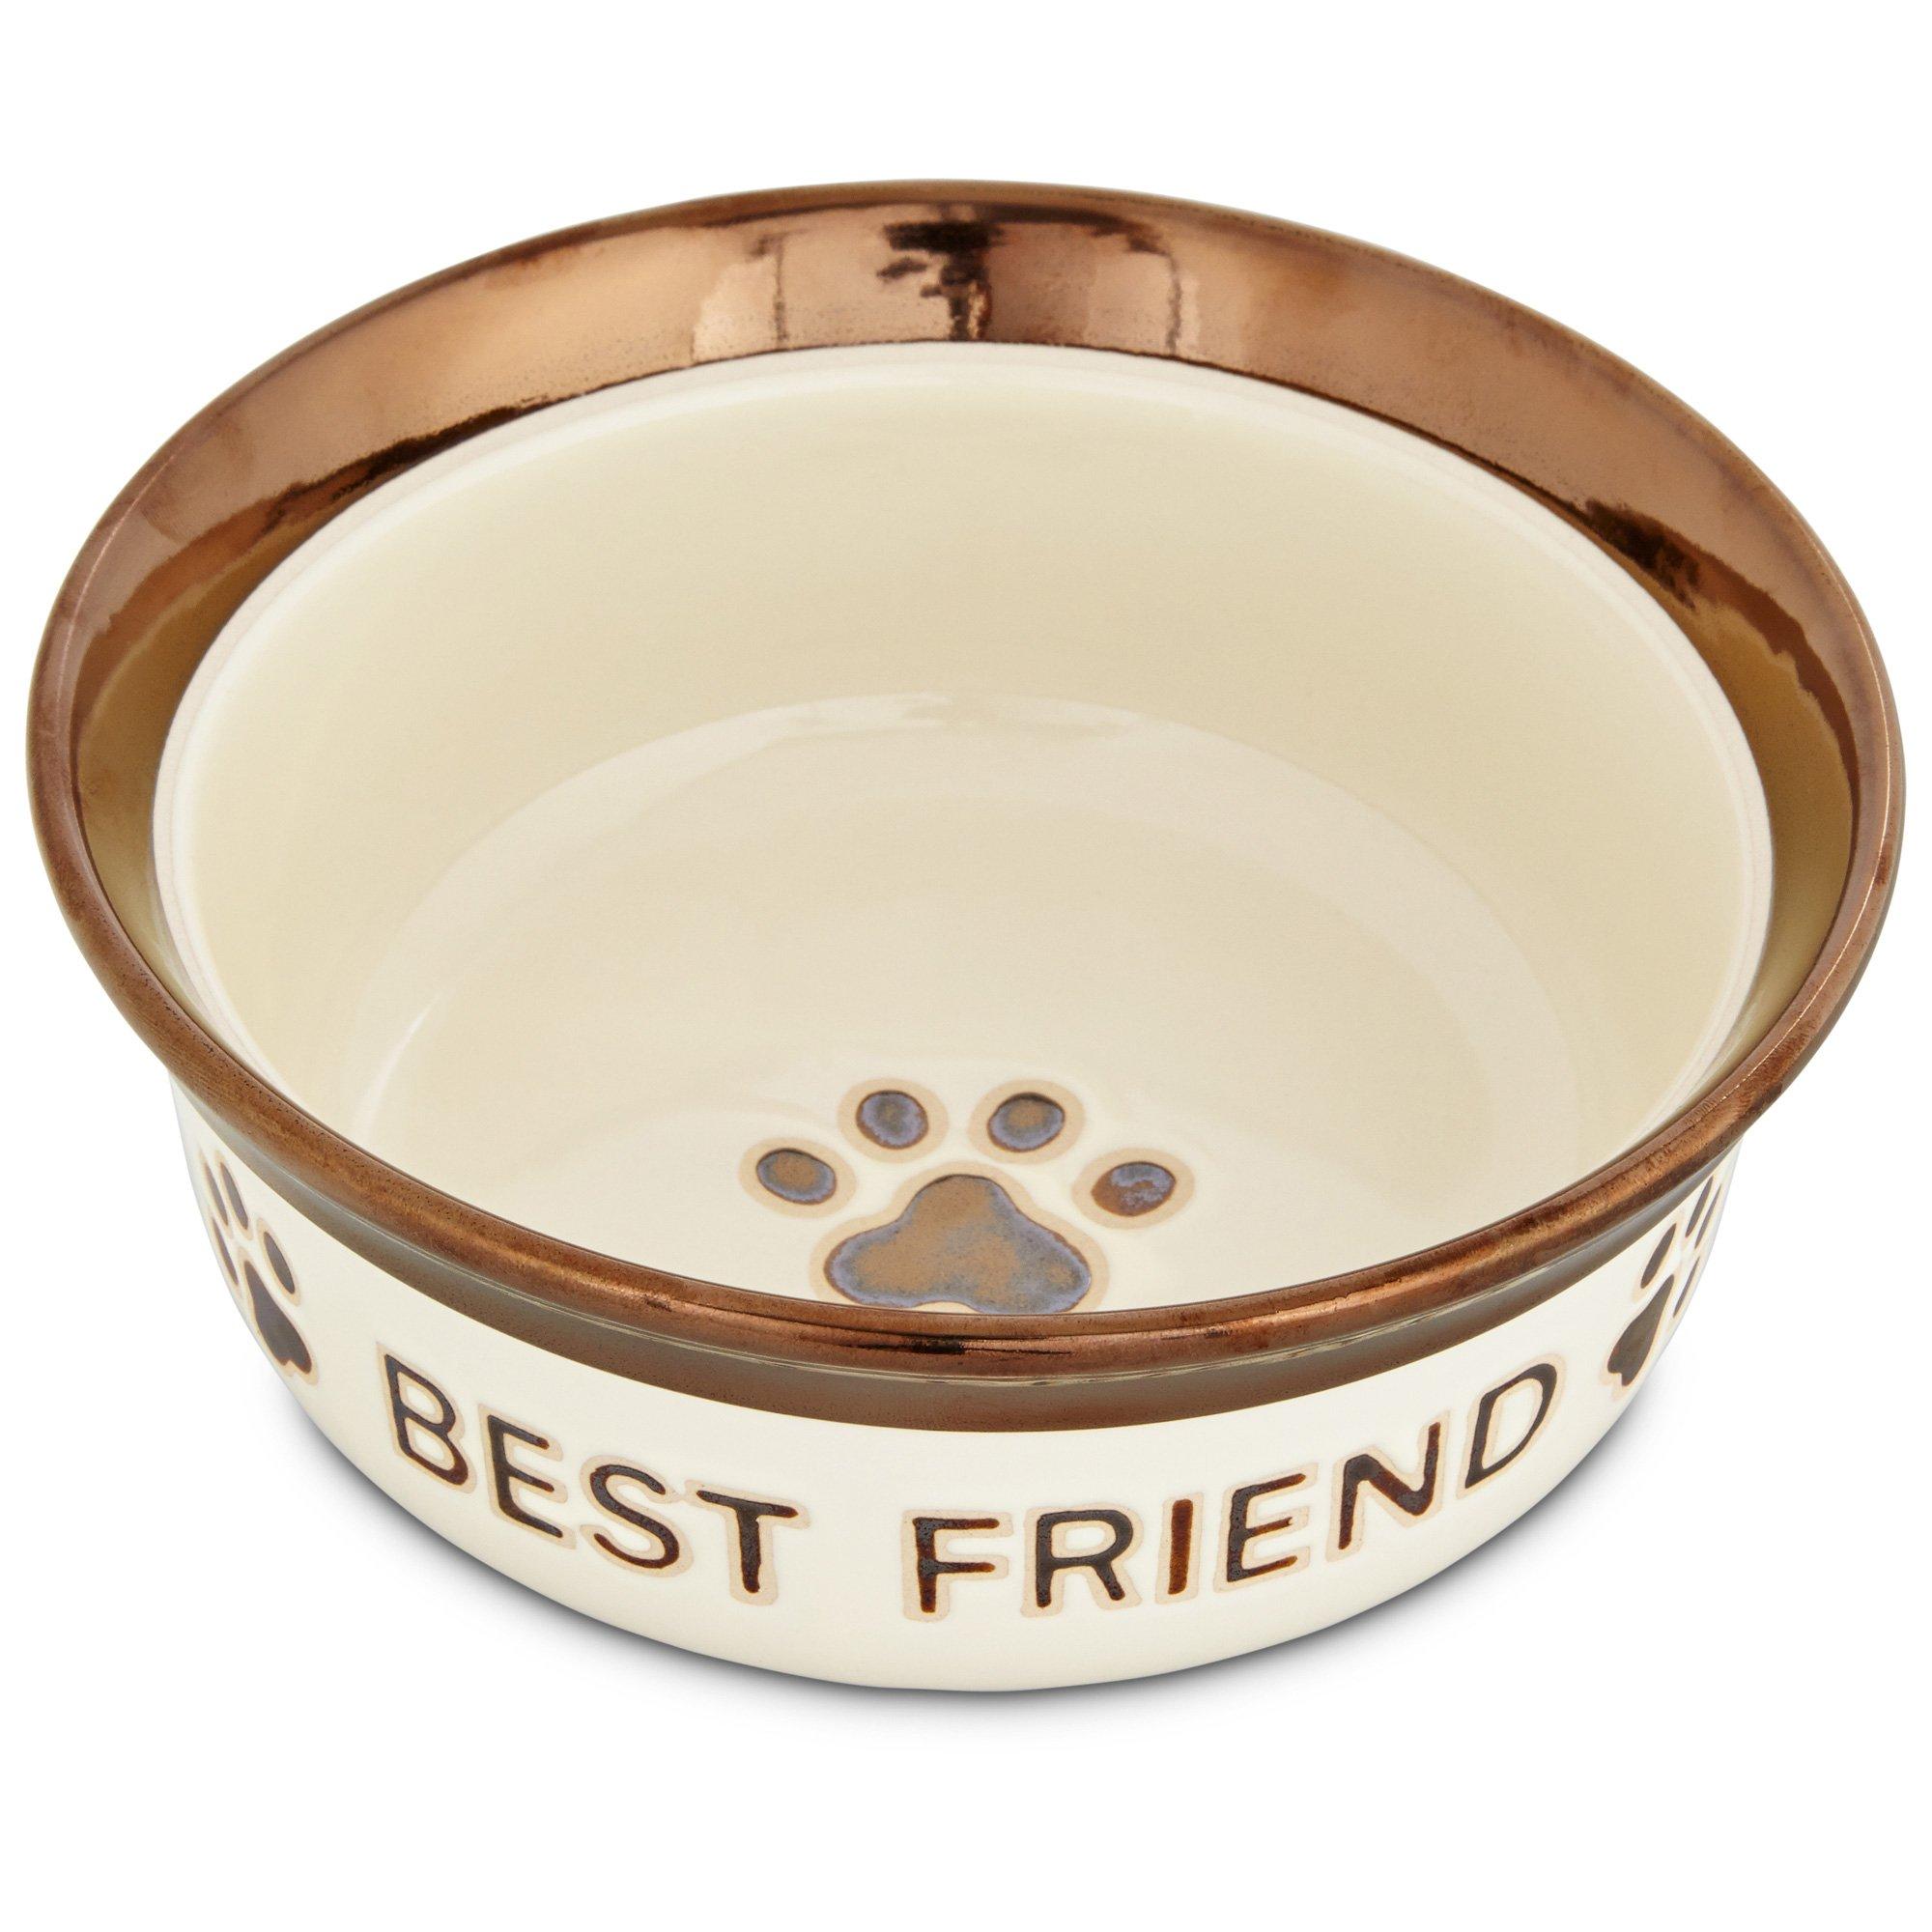 Harmony Best Friend Ceramic Dog Bowl | Petco - photo#20